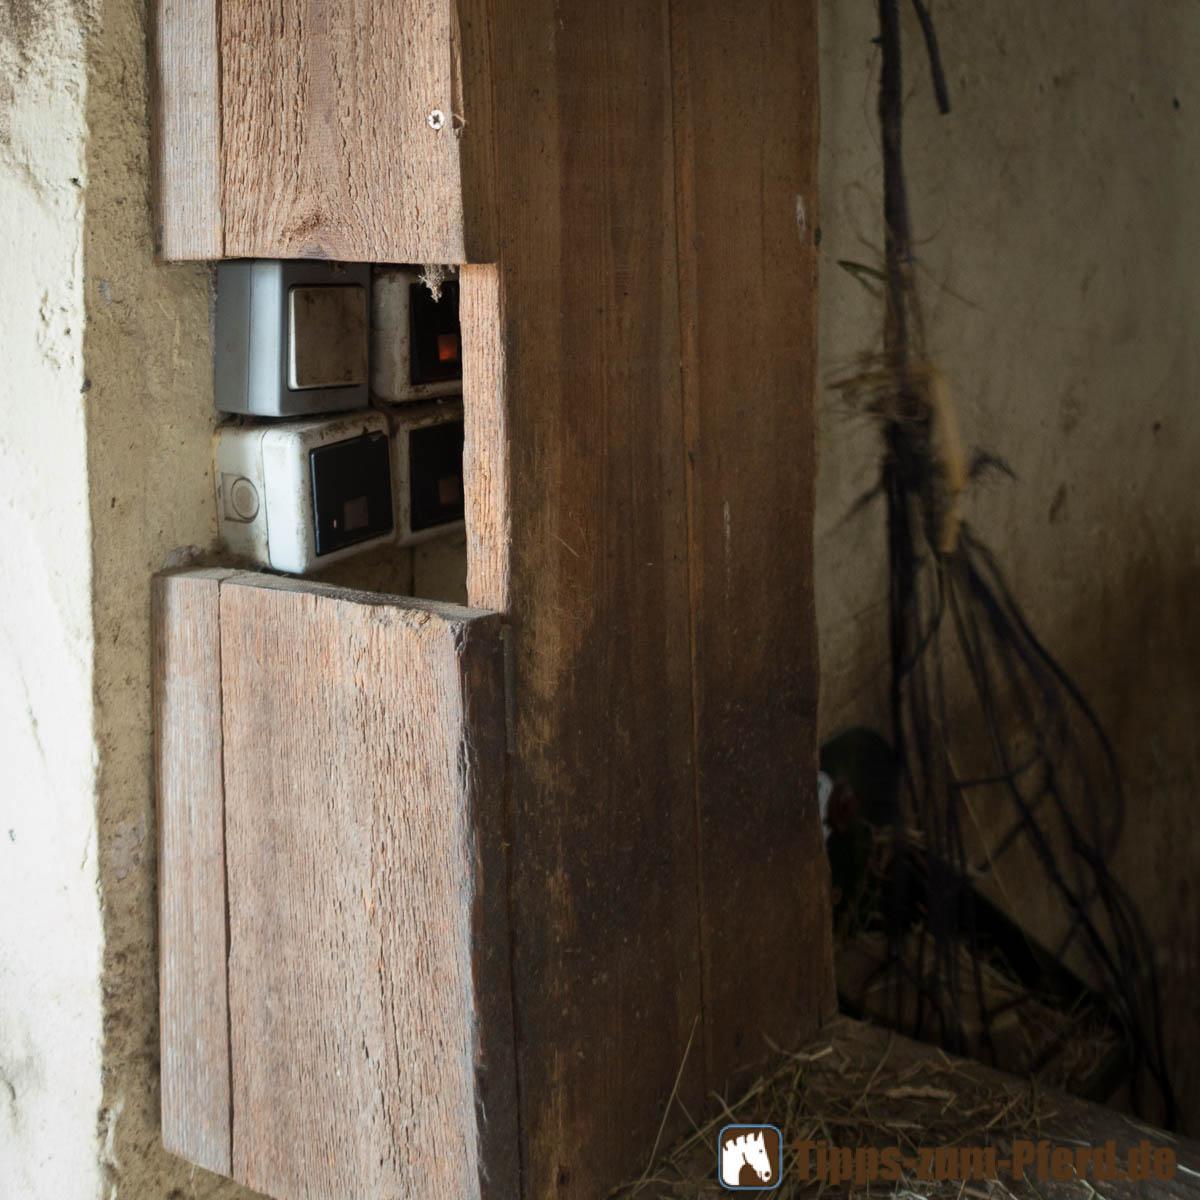 Hier sind Schalter und Elektrik gut vor Verbiss geschützt und gesichert